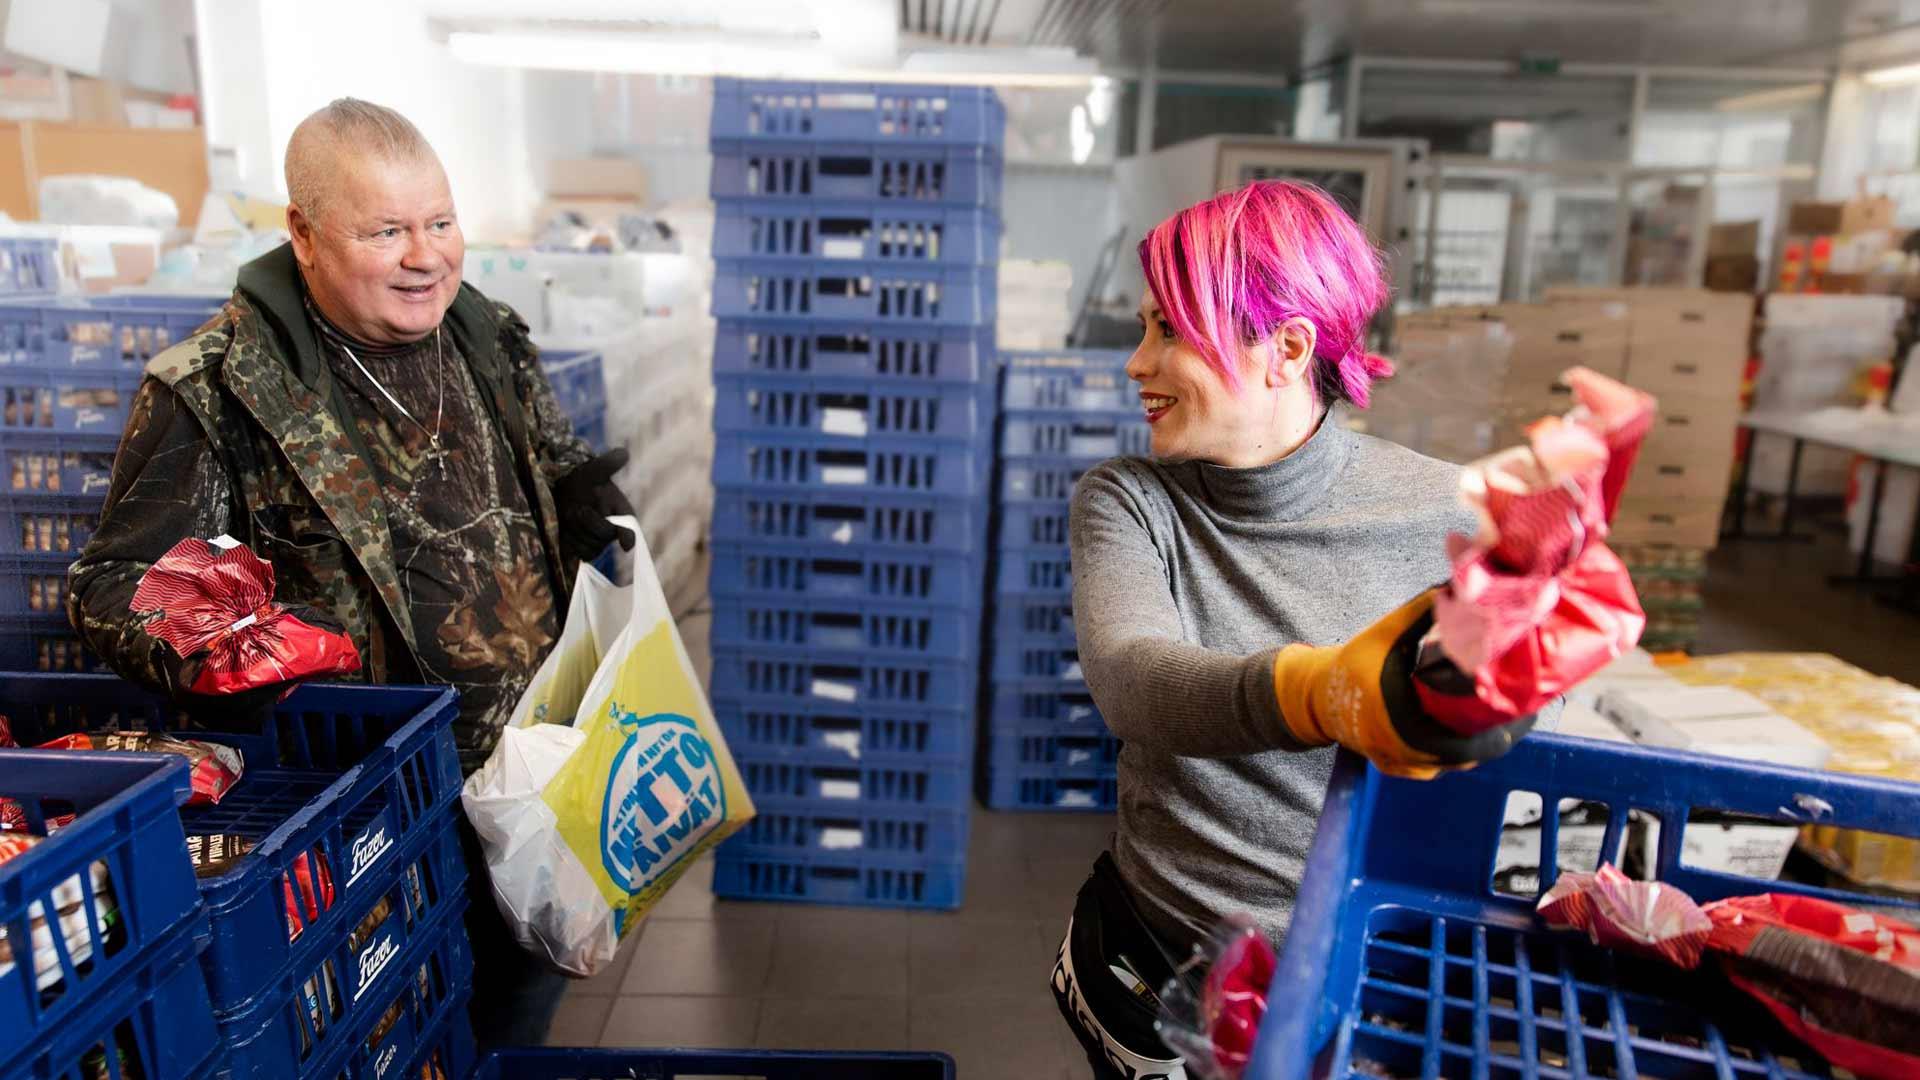 Heikin ja Sinin kanssa työskentelee tavallisesti noin 40 vapaaehtoista, mutta korona-aikana tekijöitä on vähemmän. Useat vapaaehtoisista ovat löytyneet juuri avuntarvitsijoiden joukosta.